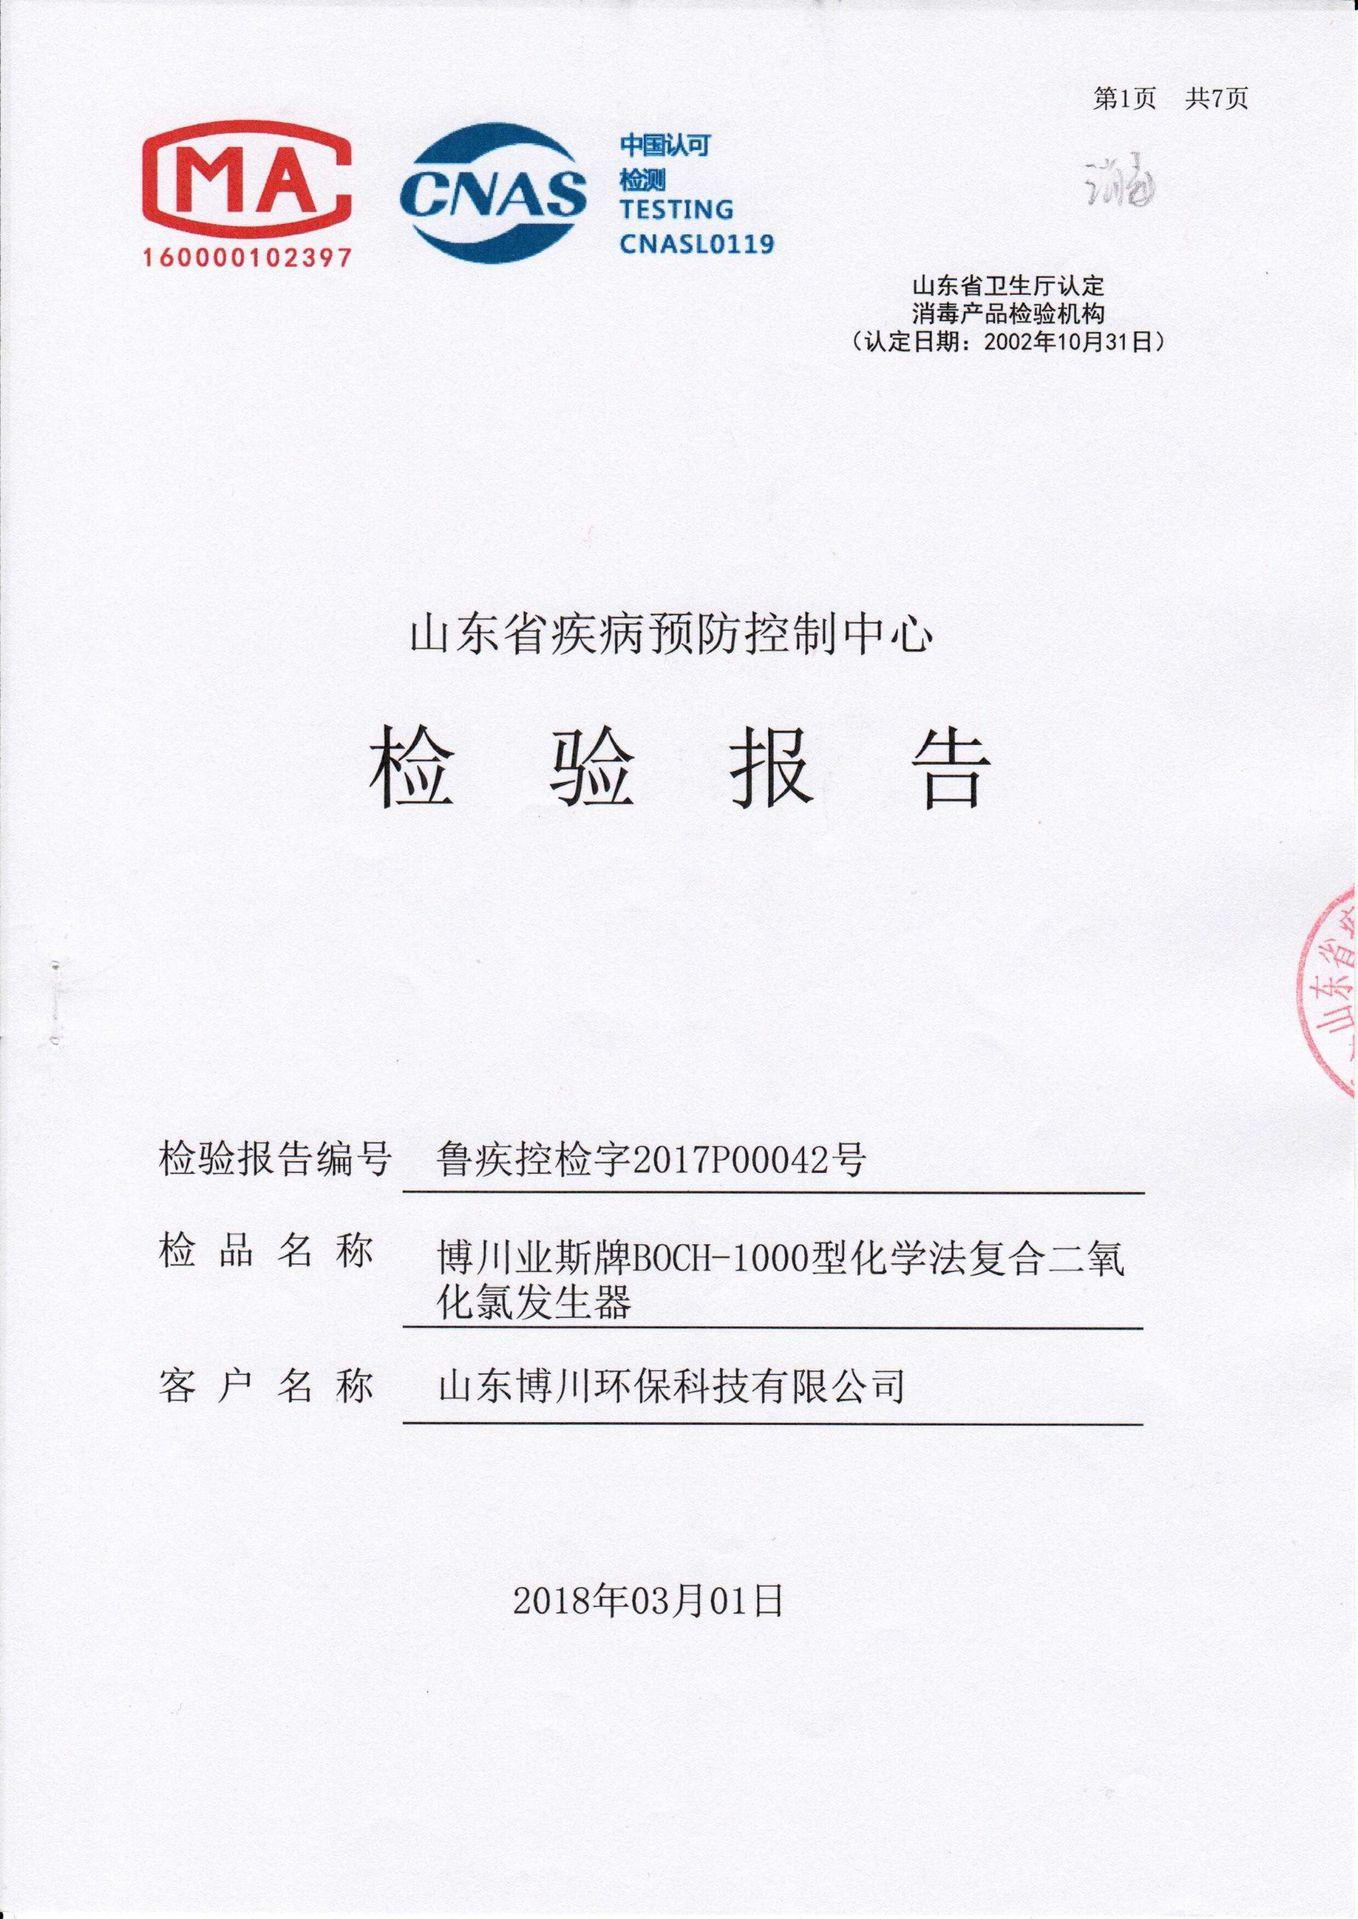 消毒1000型检验报告-1